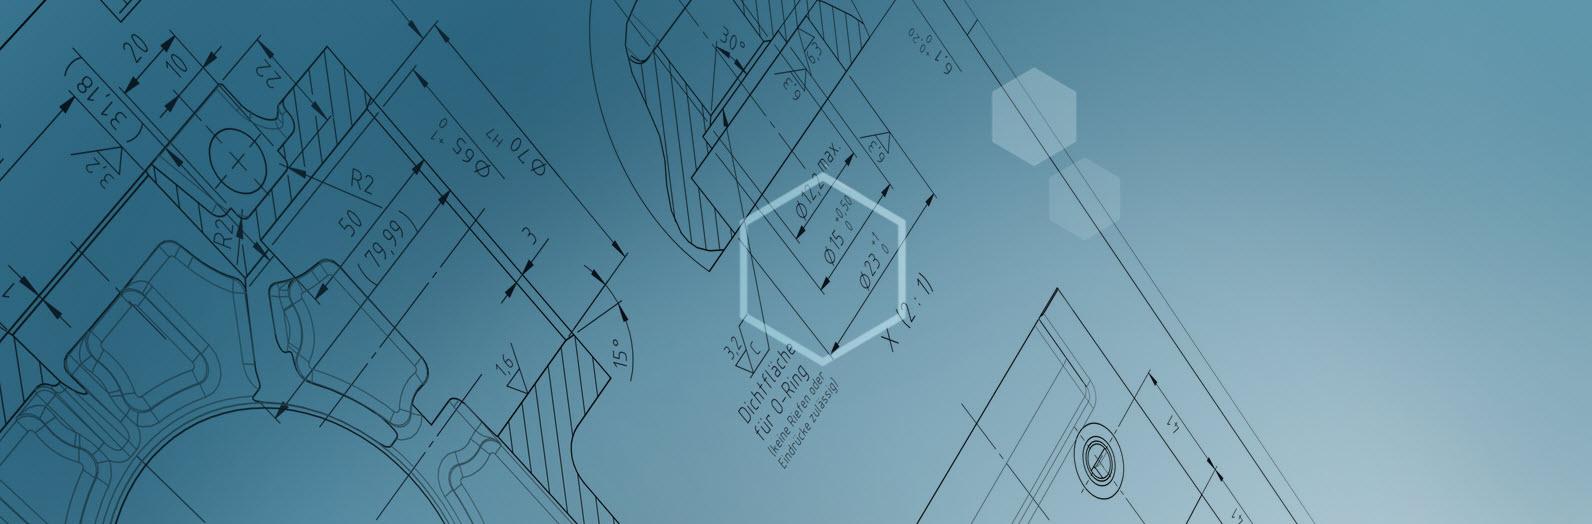 Anwenderbericht: Gebr. Willach GmbH